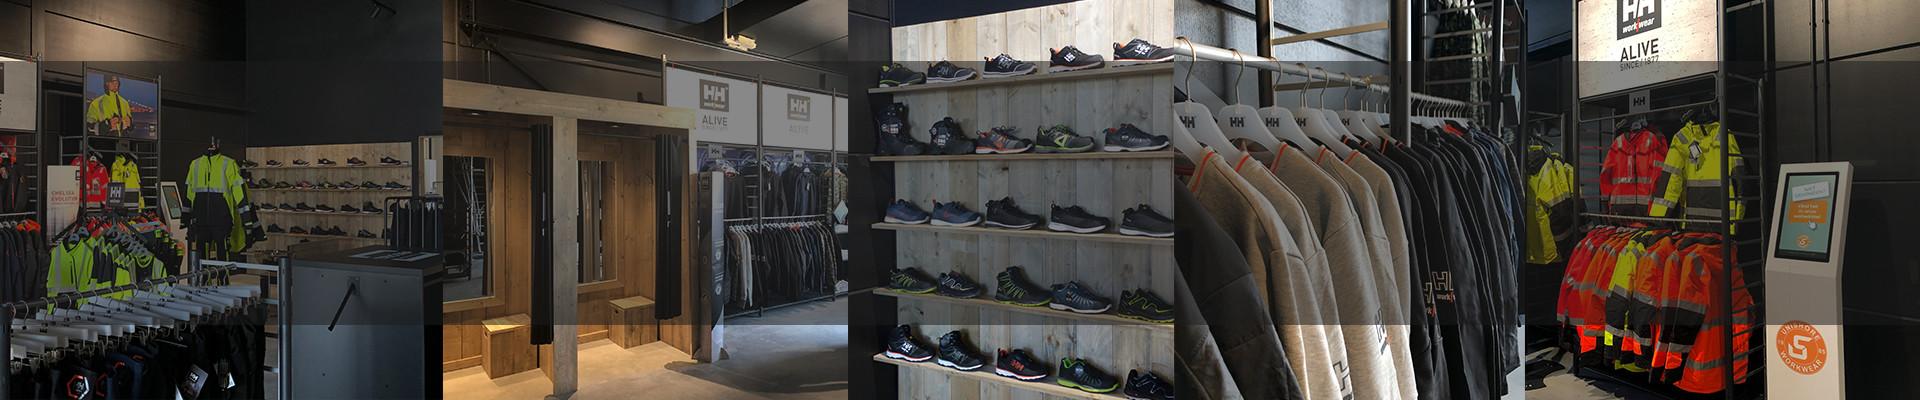 JUNI ACTIEMAAND! <br> korting op kleding, personalisatie, accessoires & meer